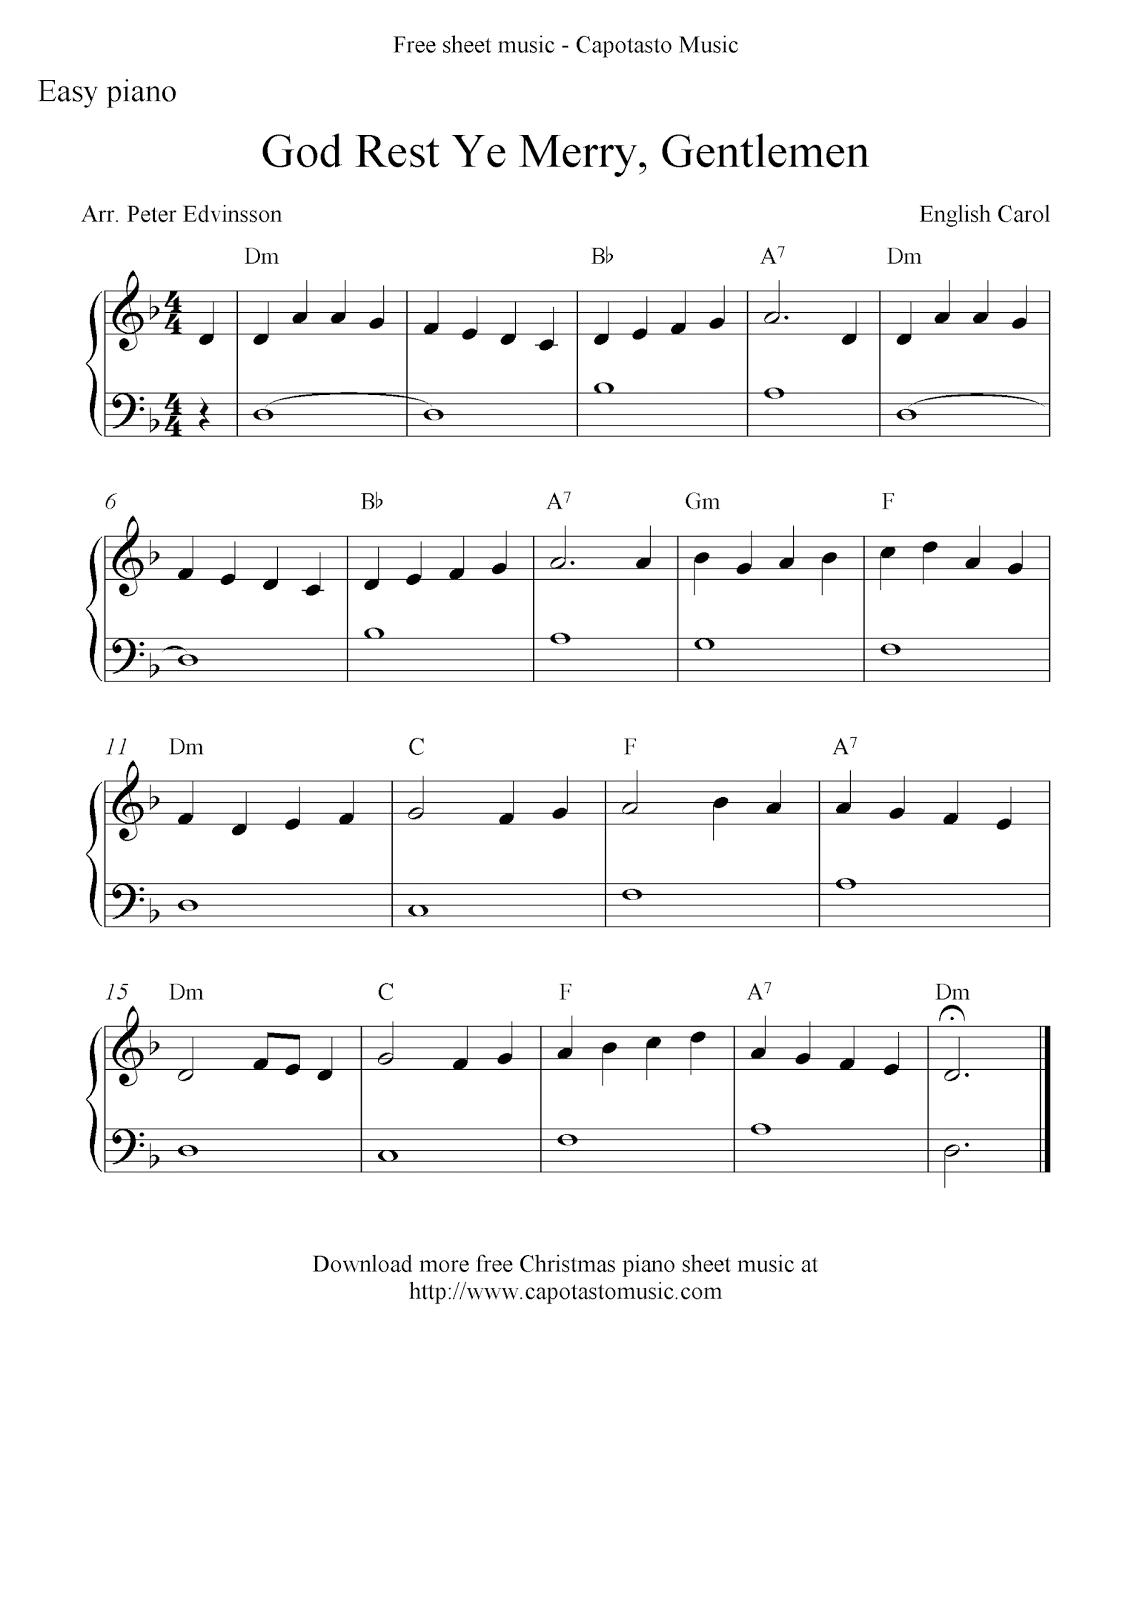 Free Sheet Music Scores Free Christmas Piano Sheet Music Score God Rest Ye Merry Gentlemen Ukulele Tabs Christmas Ukulele Ukulele Songs